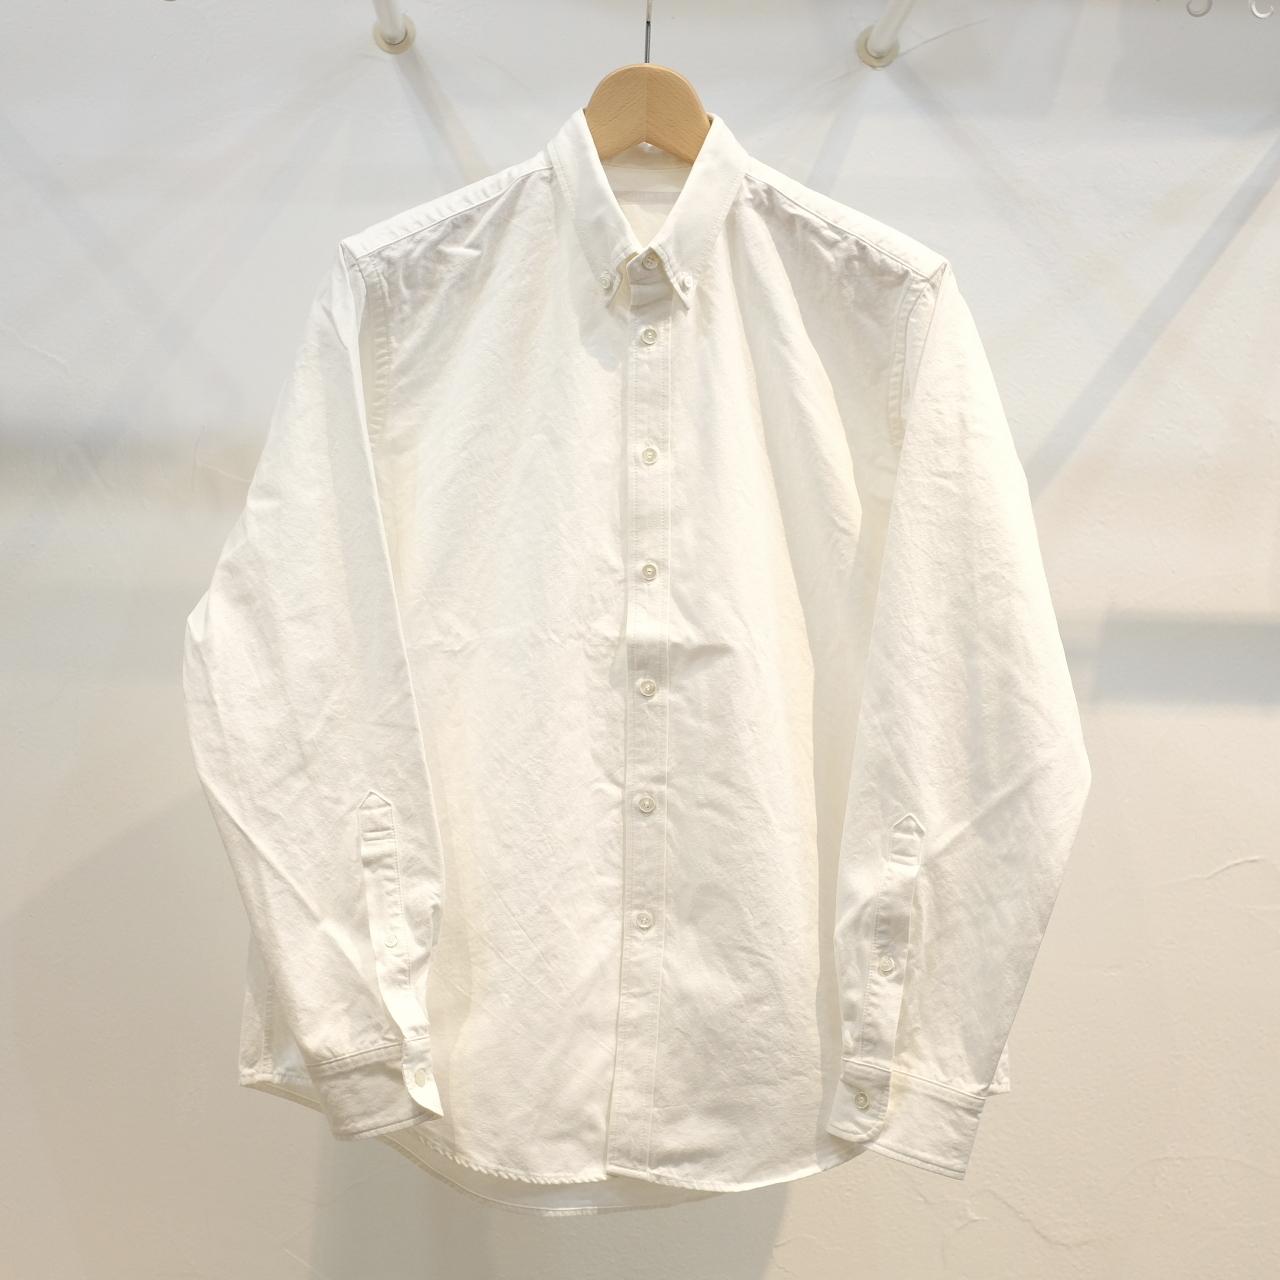 HATSKI(ハツキ) ハイカウントボタンダウンシャツ ホワイト